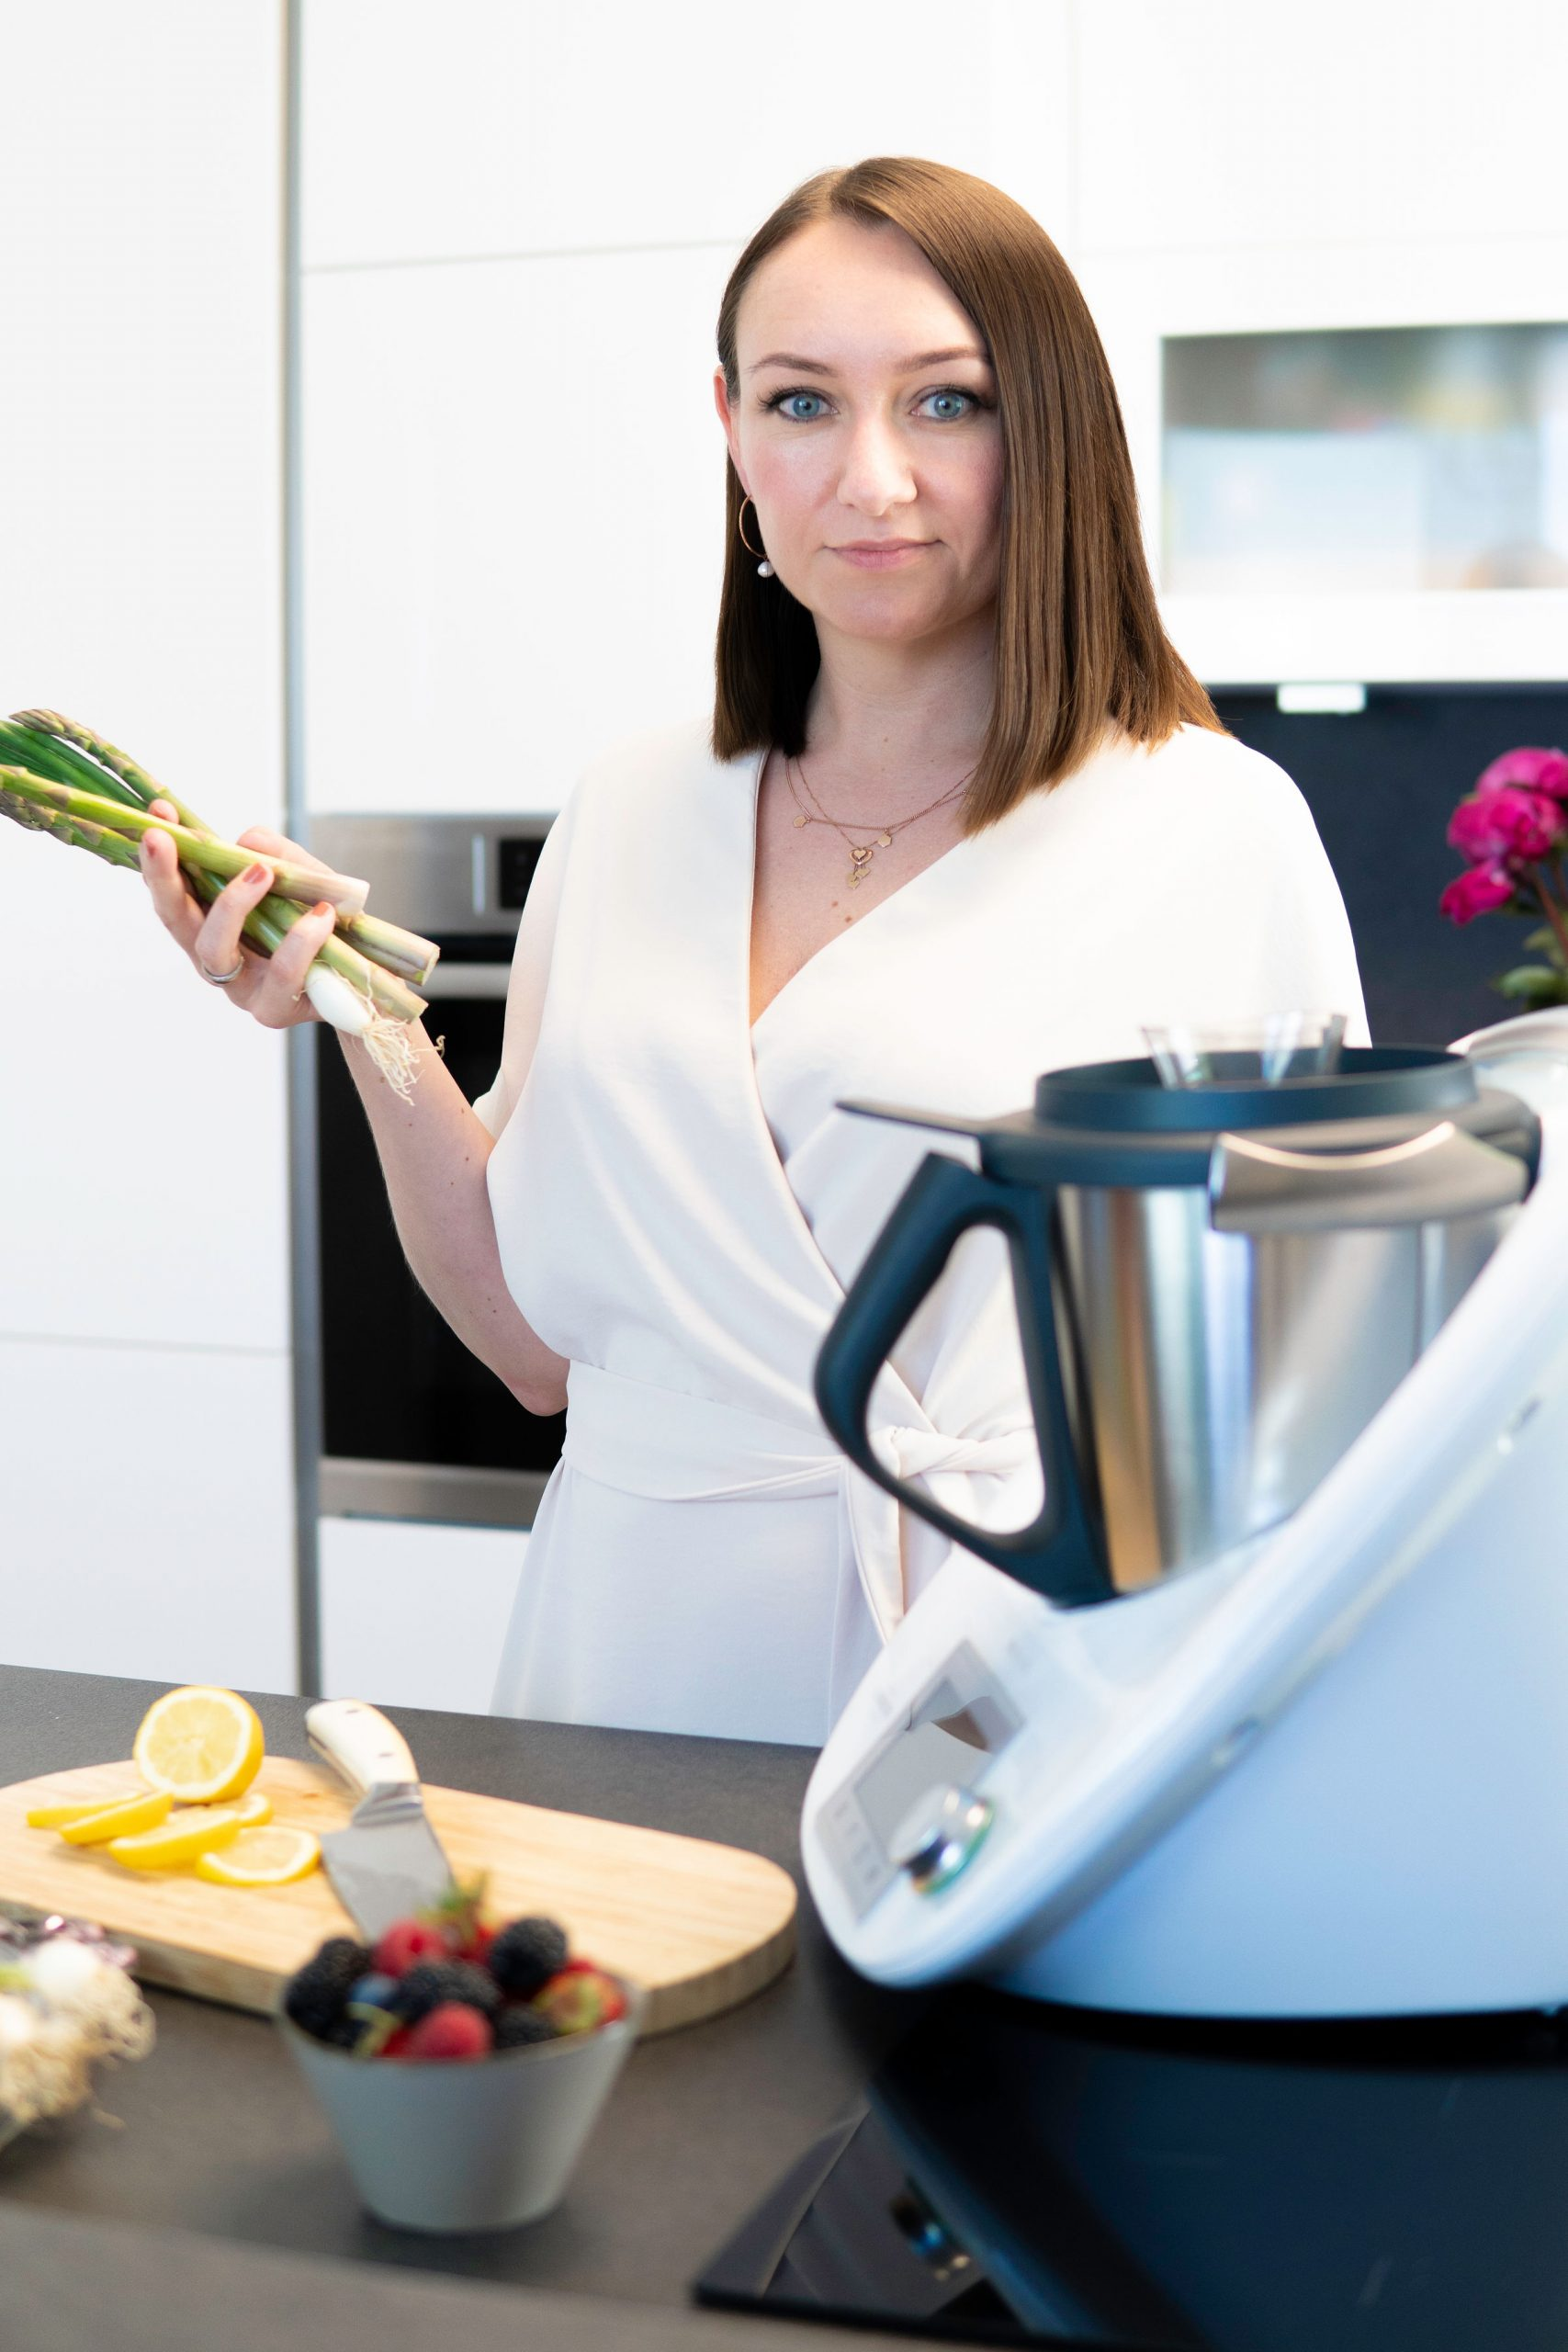 Frau mit Gemüse auf einem Bild